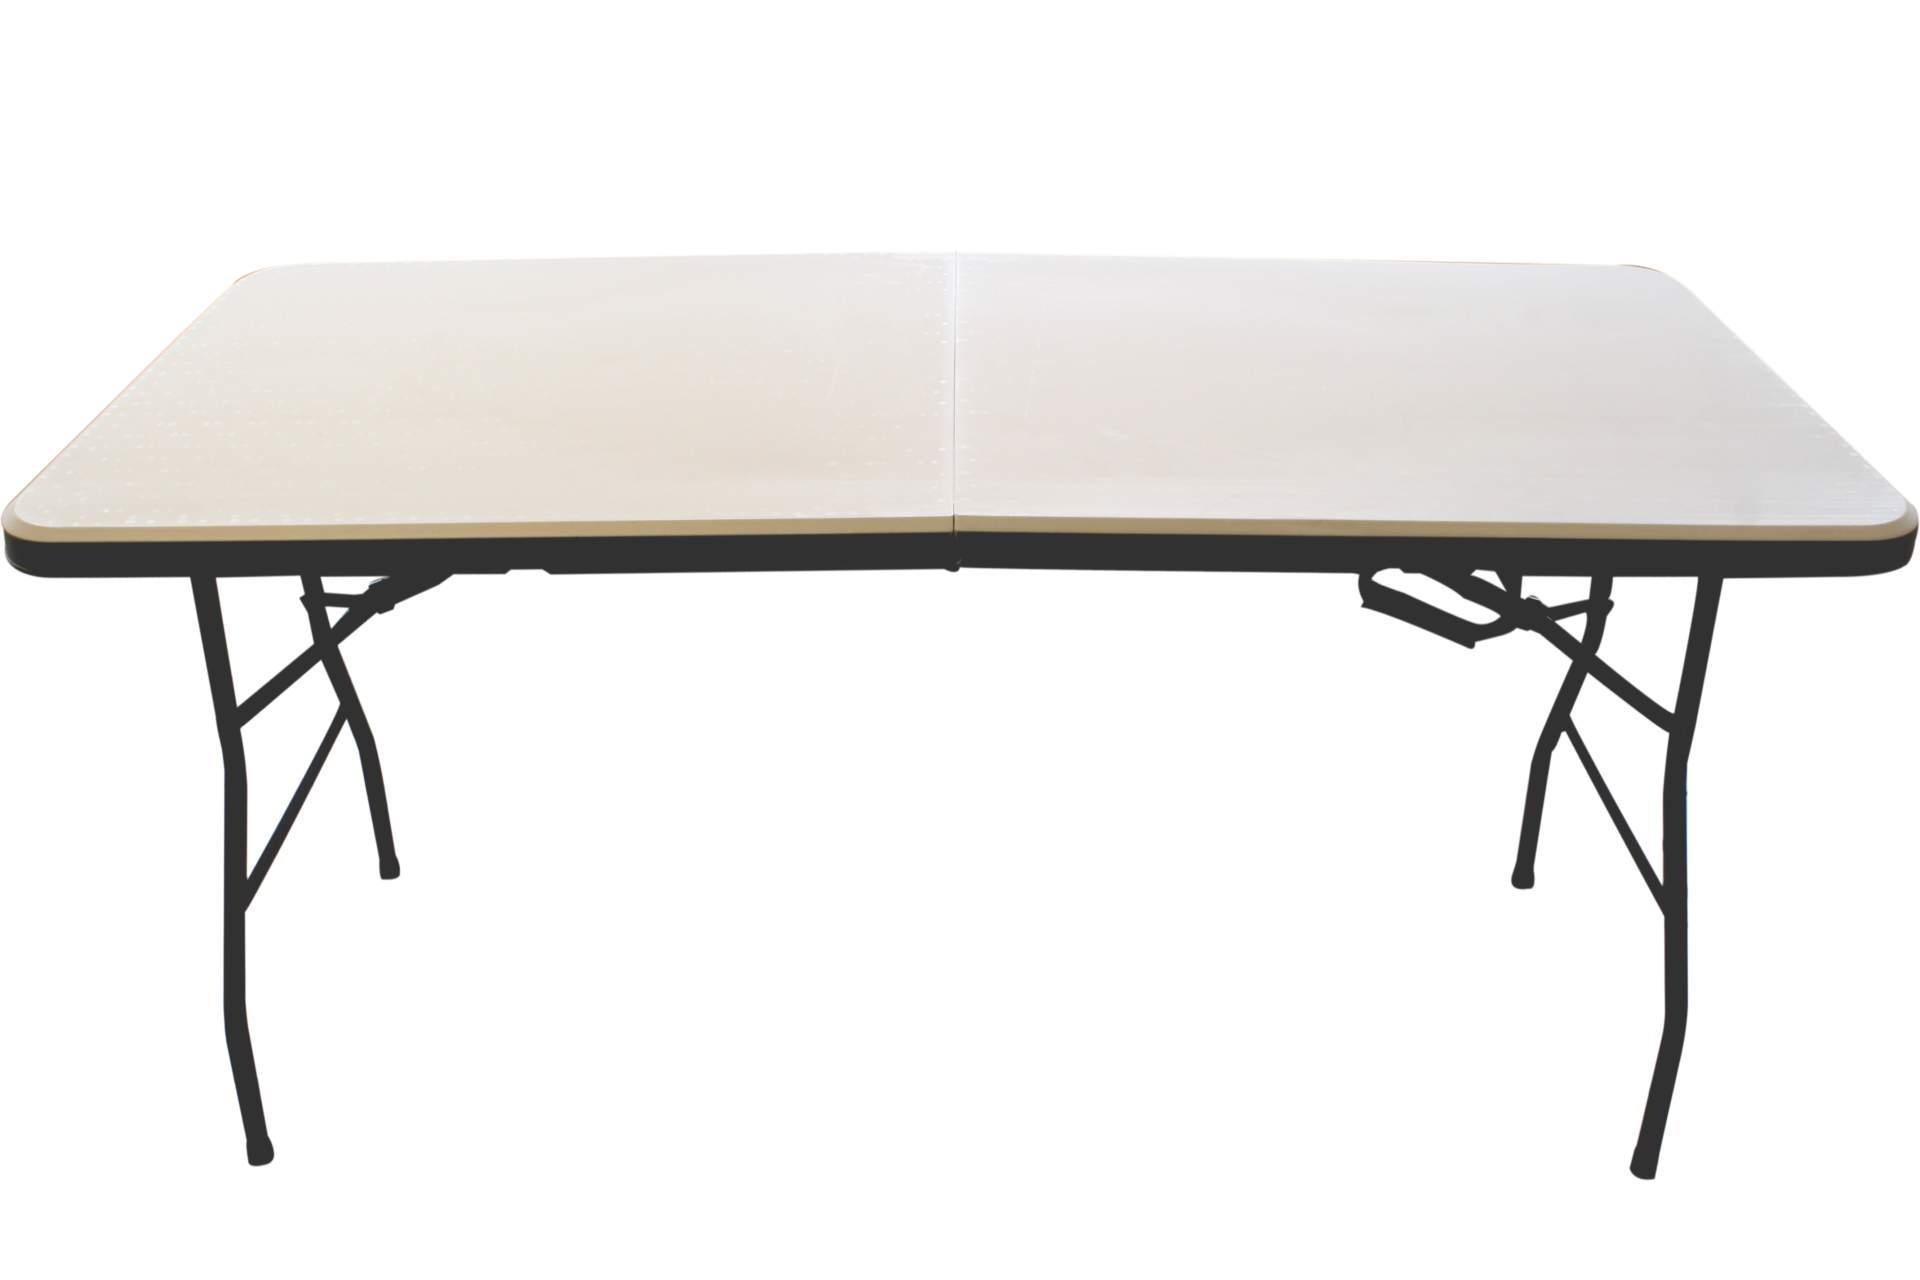 kynast koffer campingtisch garten zusammenklappbar weiss gartenm bel haus und garten. Black Bedroom Furniture Sets. Home Design Ideas